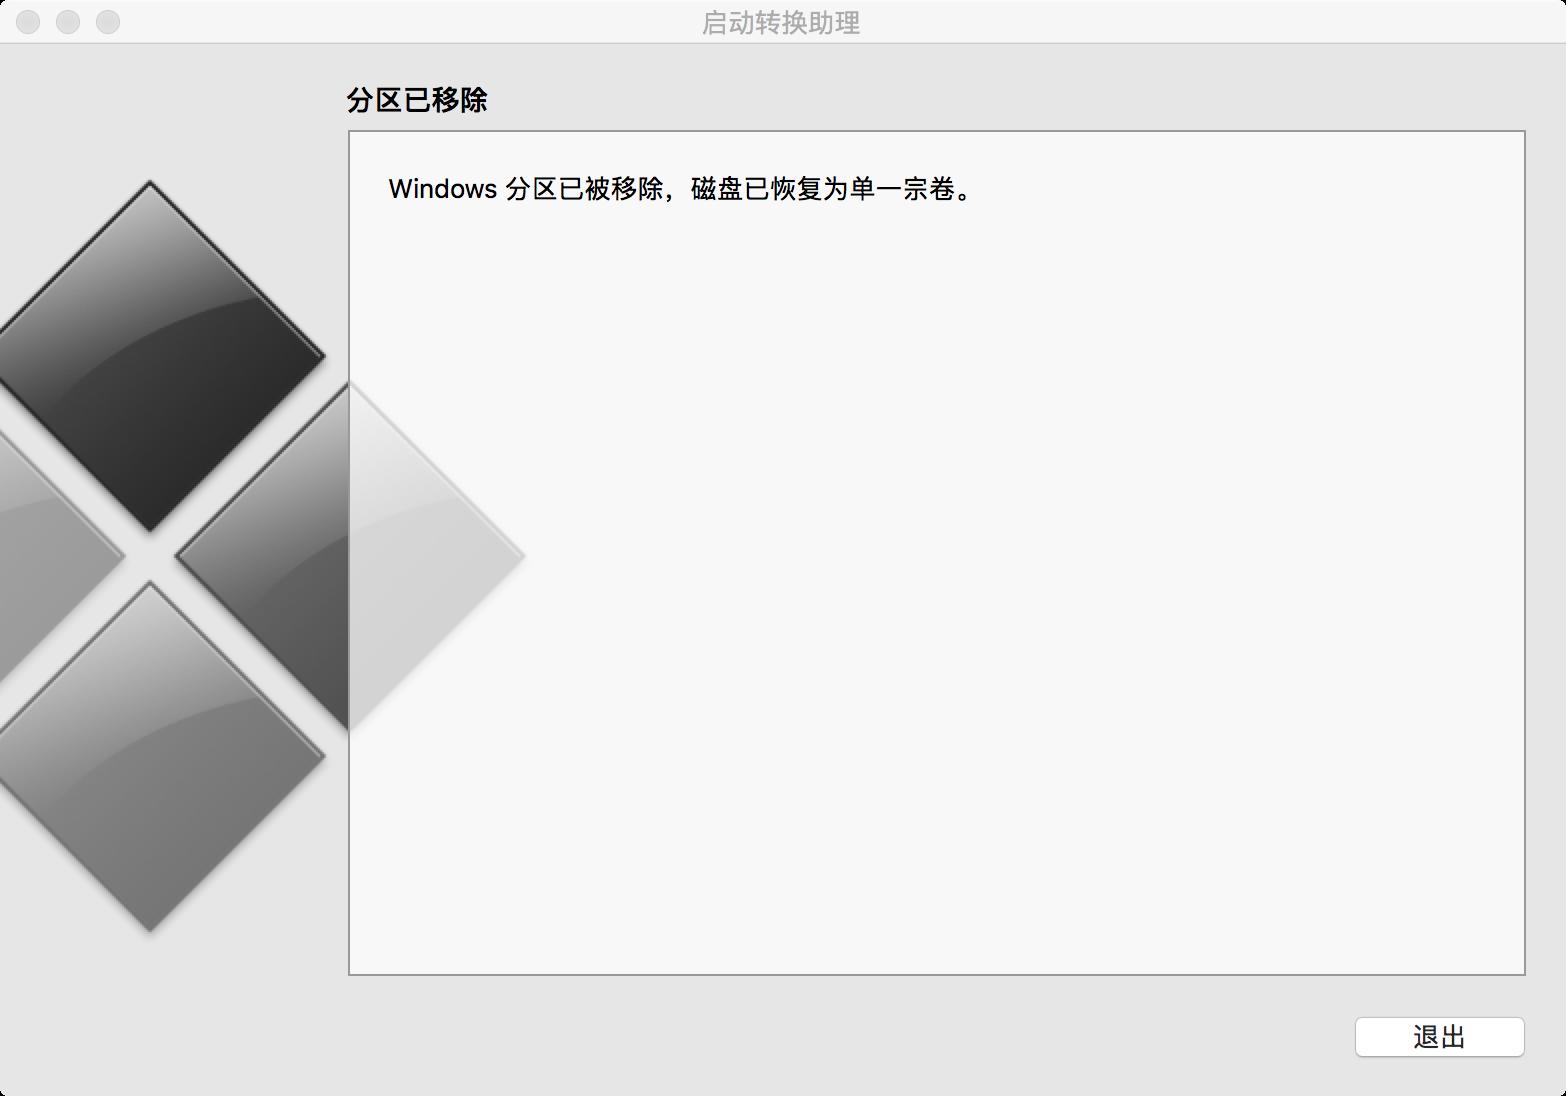 2018最新启动转换助理-卸载、删除、格式化已经在MacBook中BootCamp安装的Windows 10系统分区-MacBook Pro 10.13.6